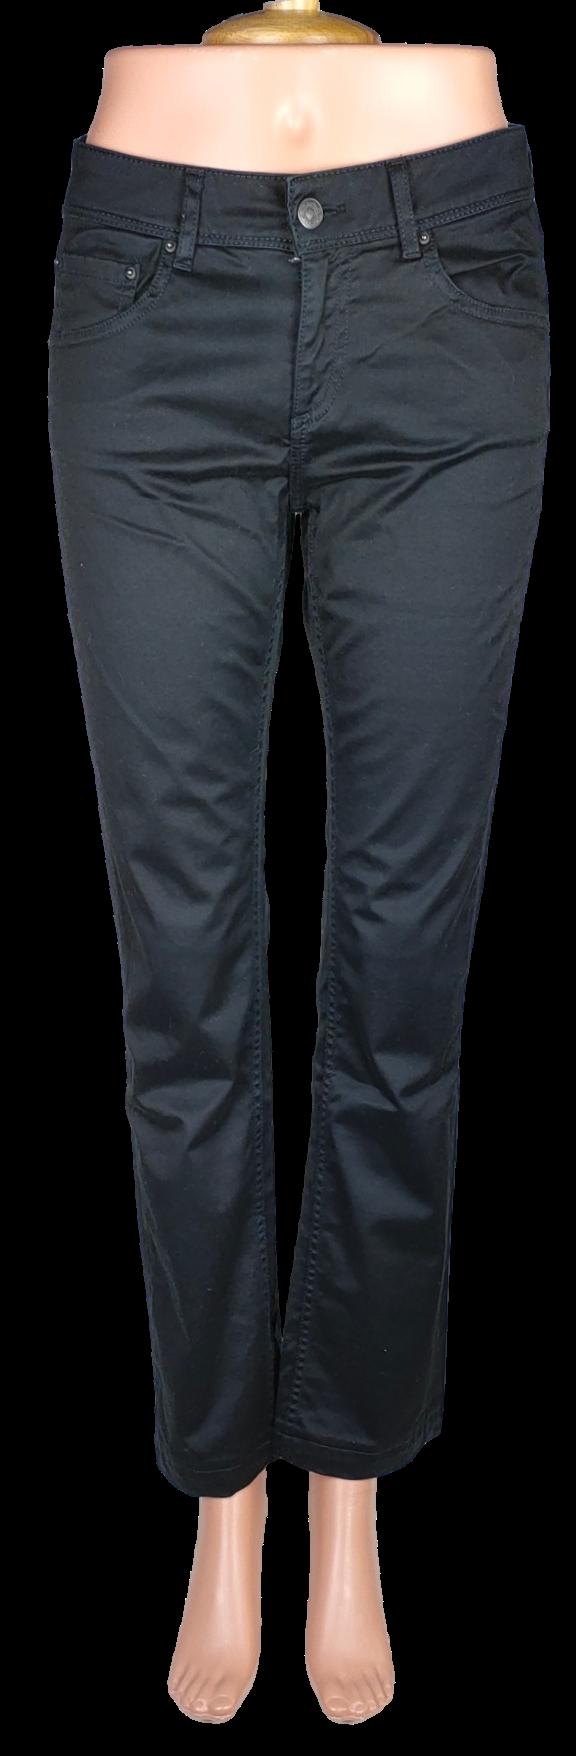 Jean School Rag -Taille 38